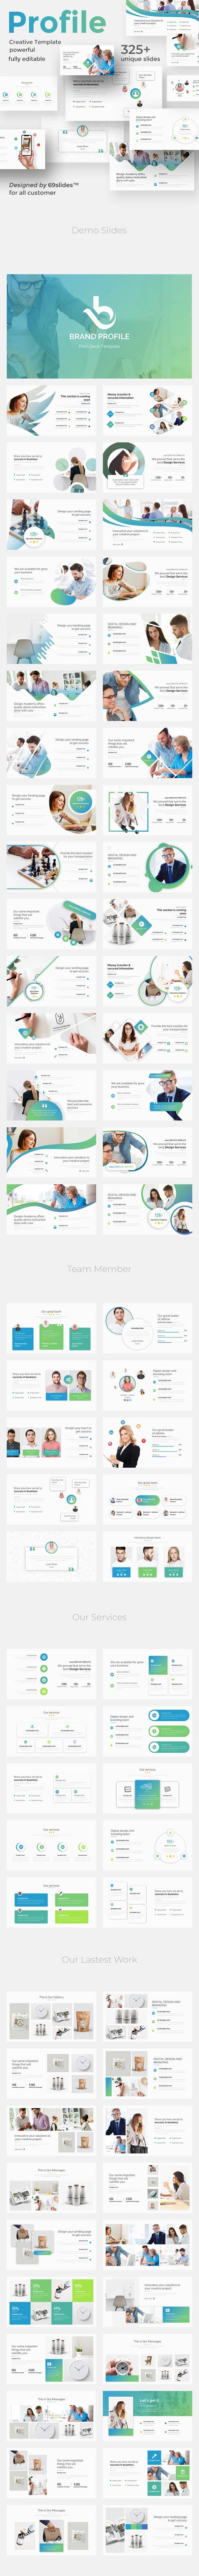 Brand Profile Pitch Deck Google Slide Templaet - Google Slides Presentation Templates